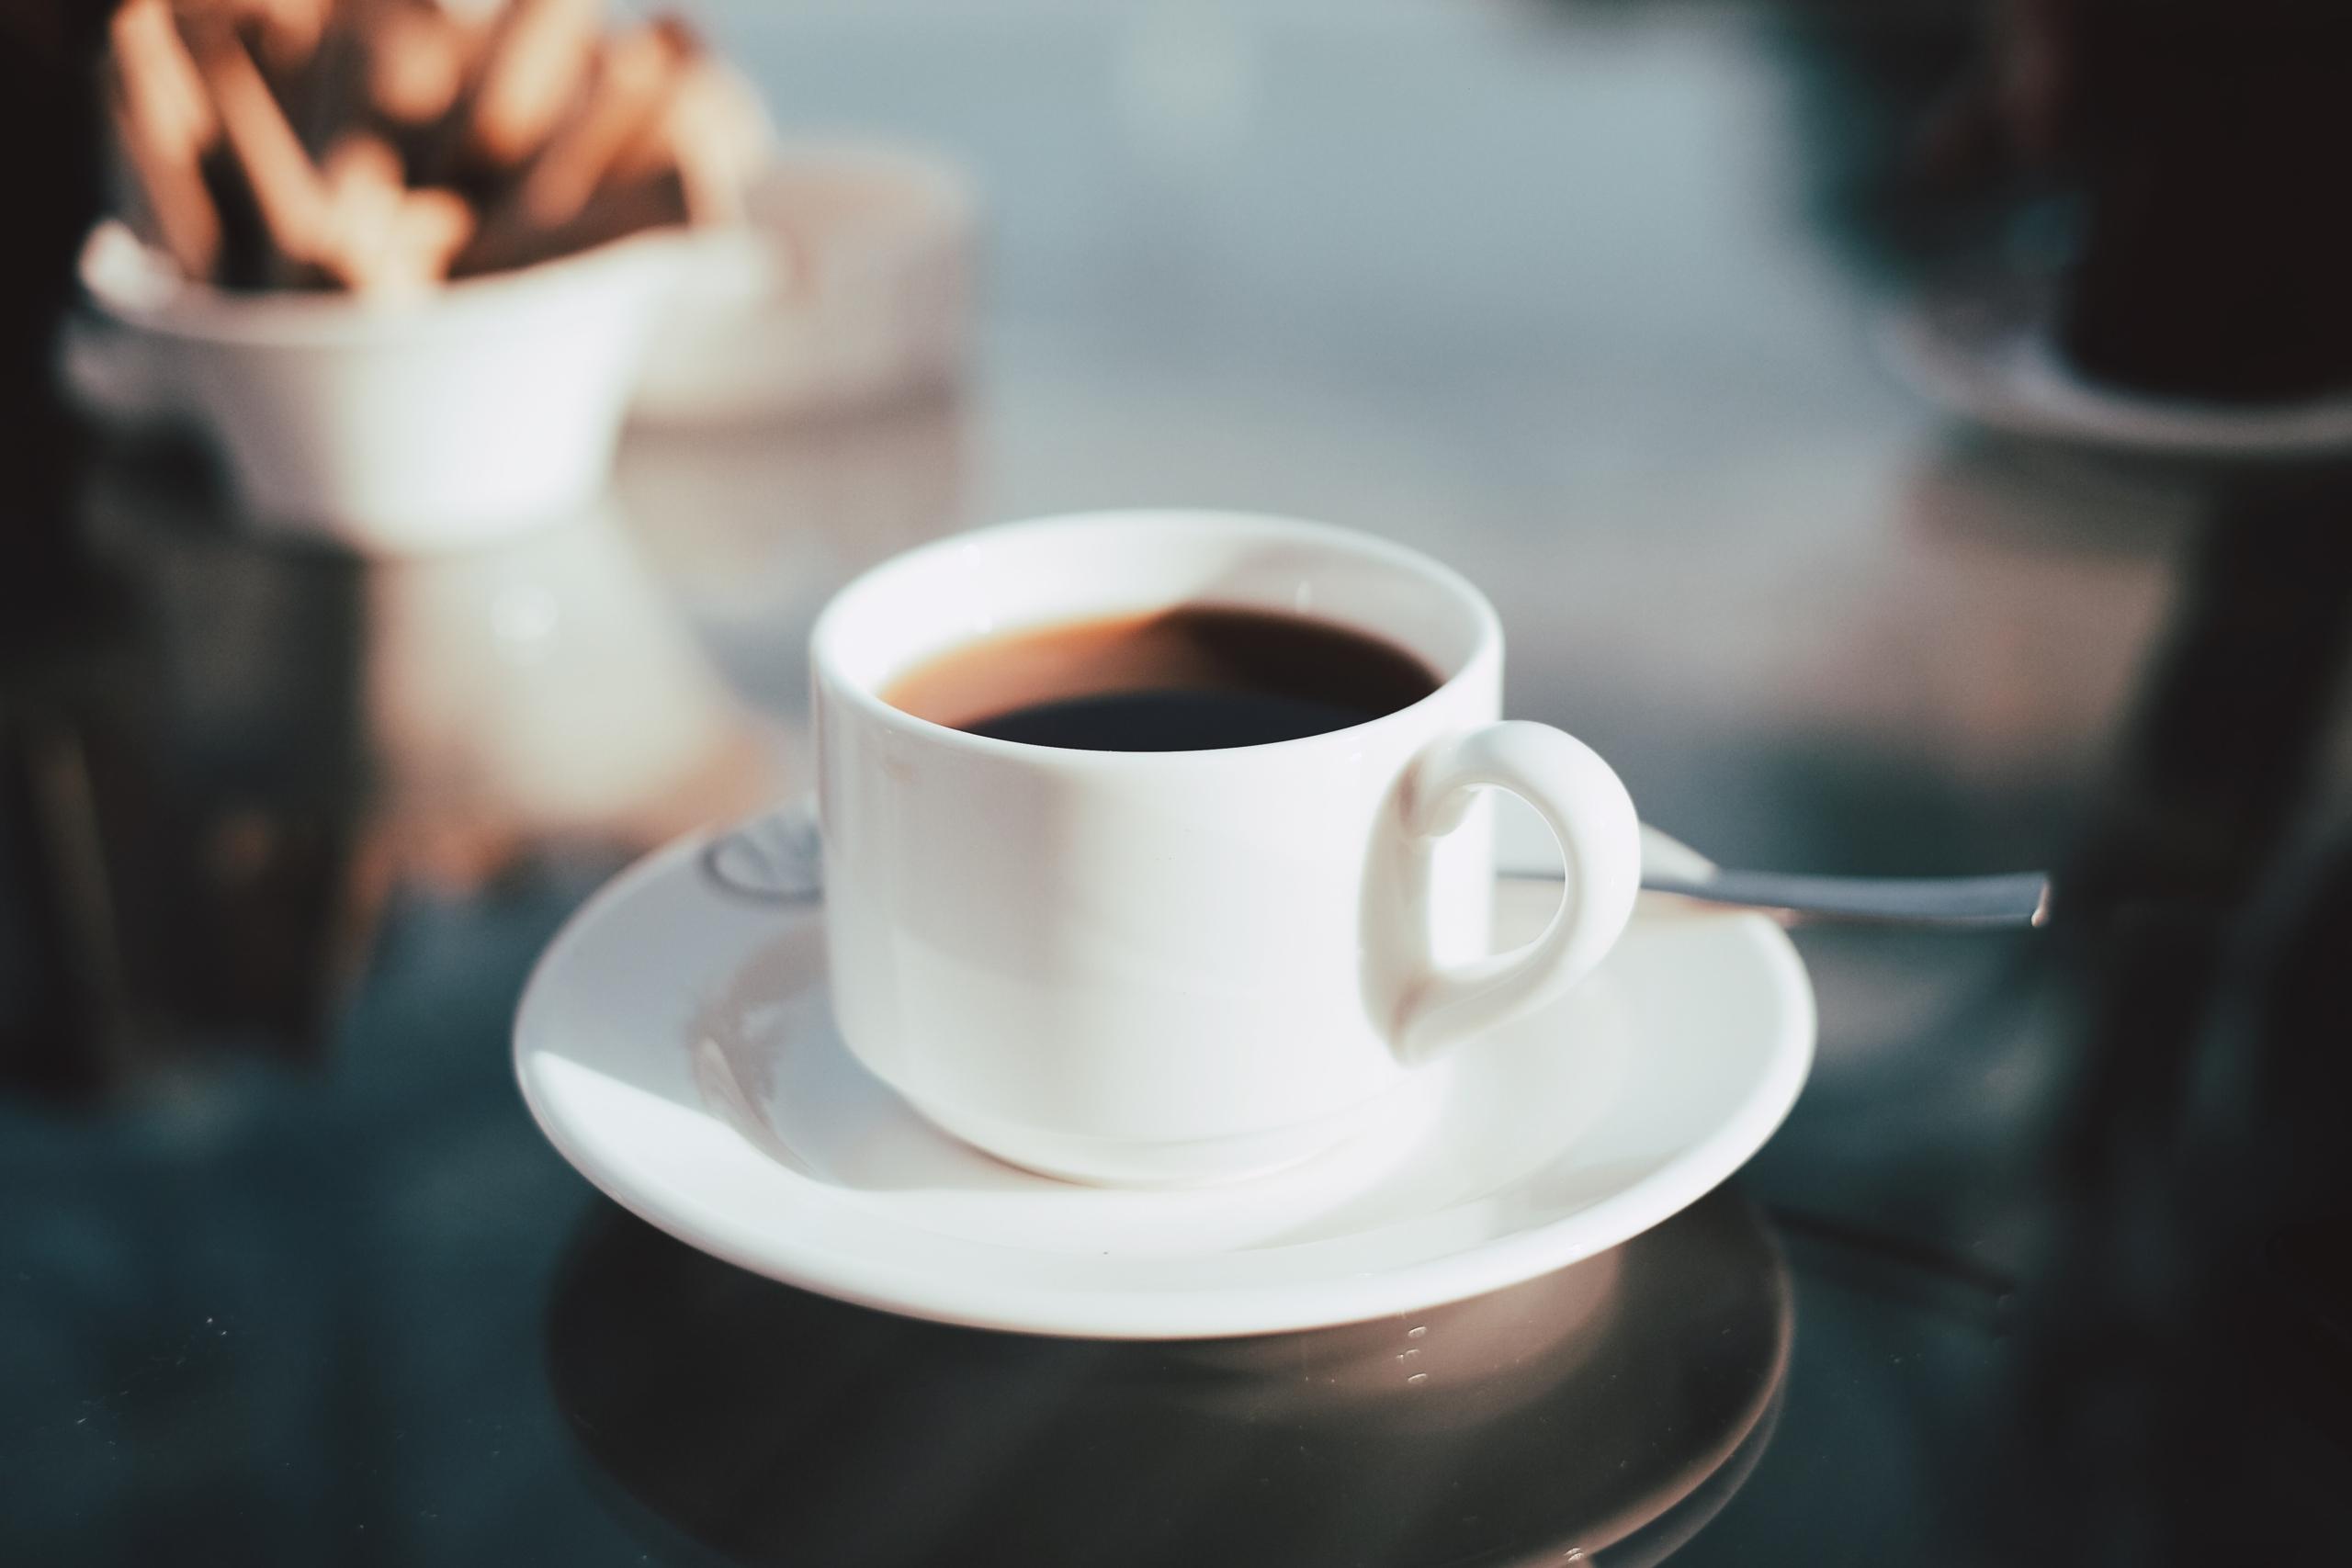 Způsobuje káva zdravotní problémy? Mýty a fakta ohledně kávy!